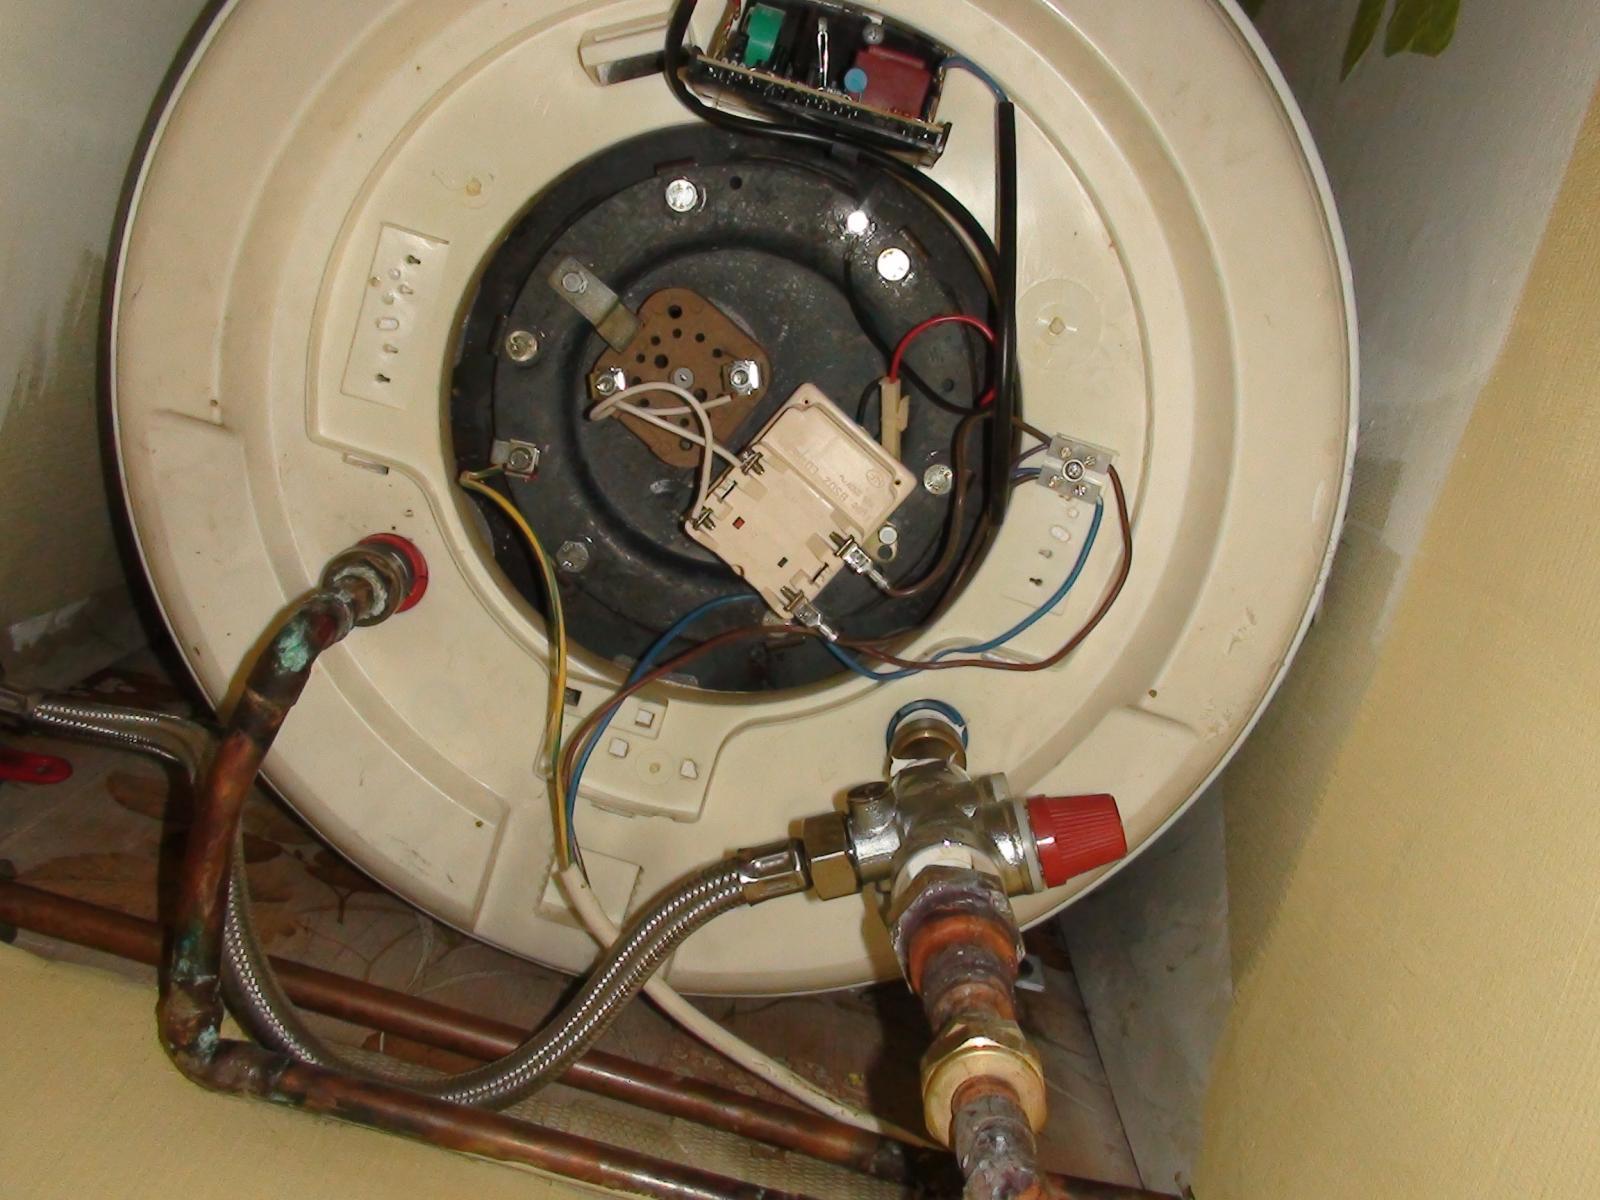 Chauffe eau lectrique en panne - Reglage temperature chauffe eau electrique ...